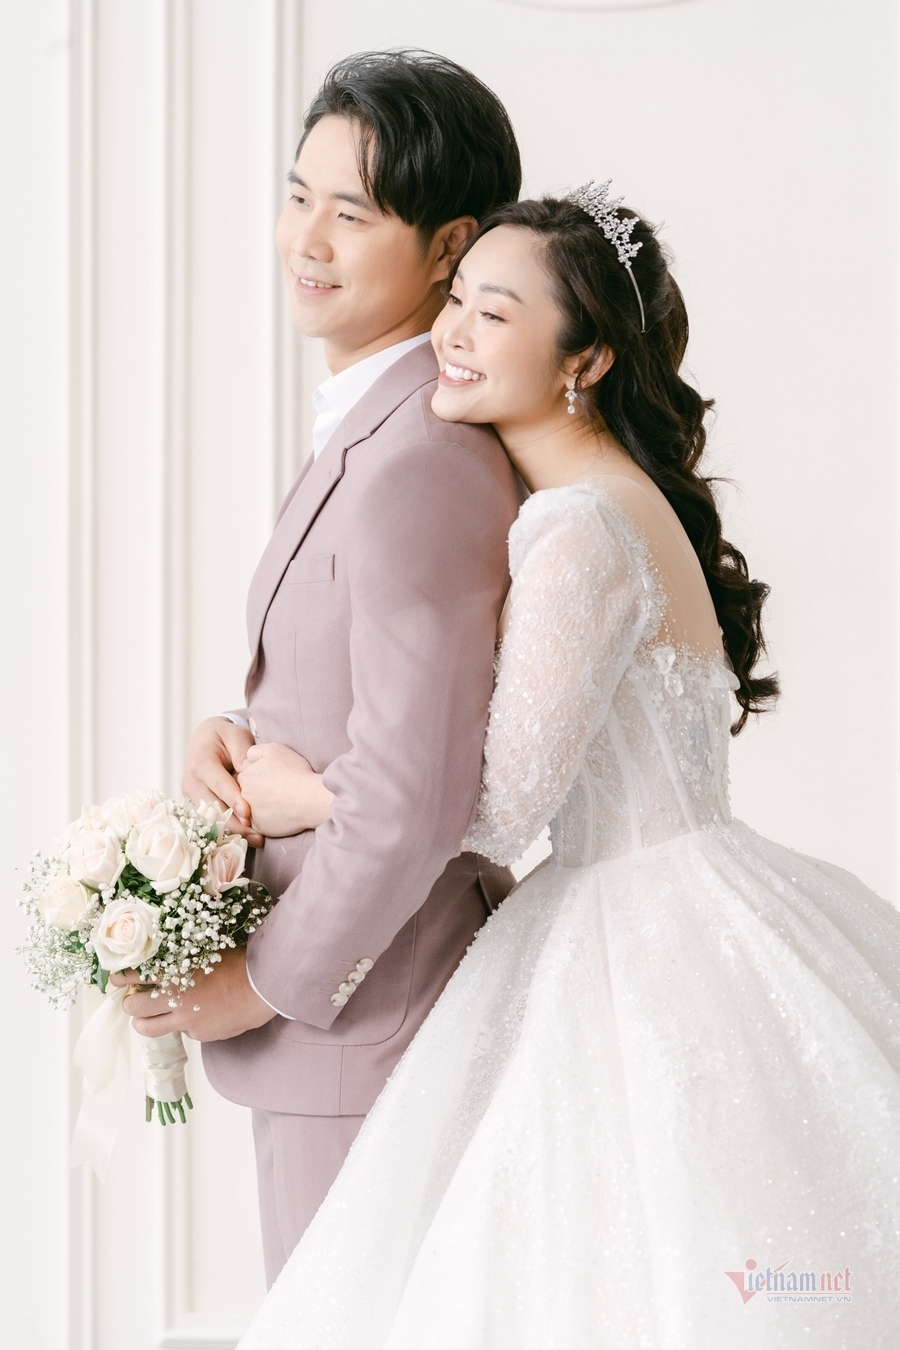 Ảnh cưới của MC Thùy Linh VTV và chồng diễn viên kém 5 tuổi